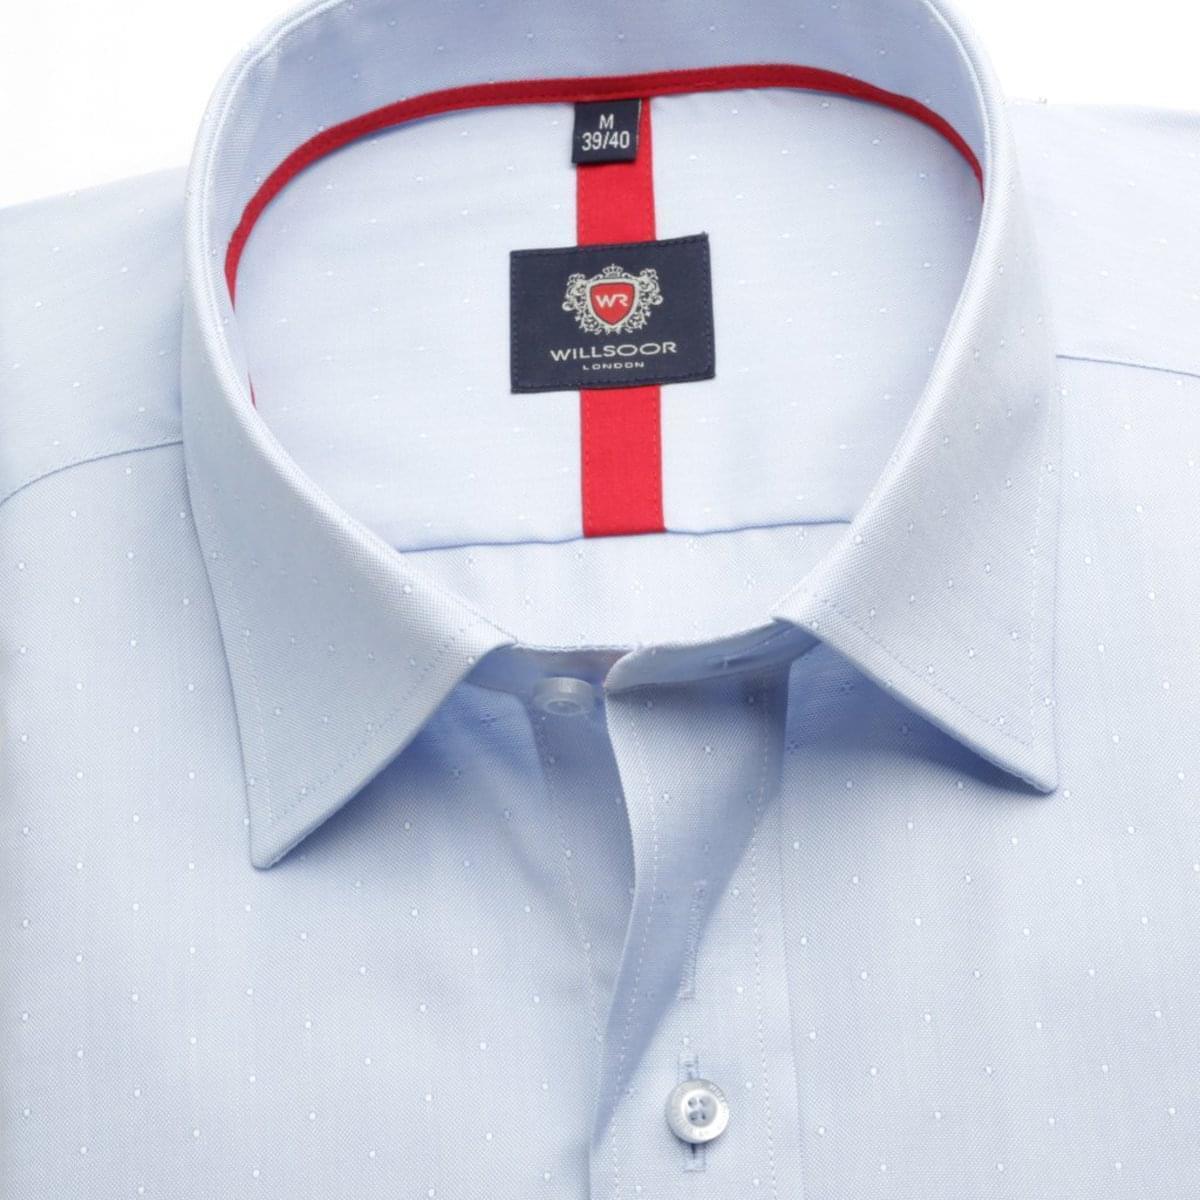 Pánská košile London v bledě modré barvě (výška 176-182) 5506 176-182 / XL (43/44)